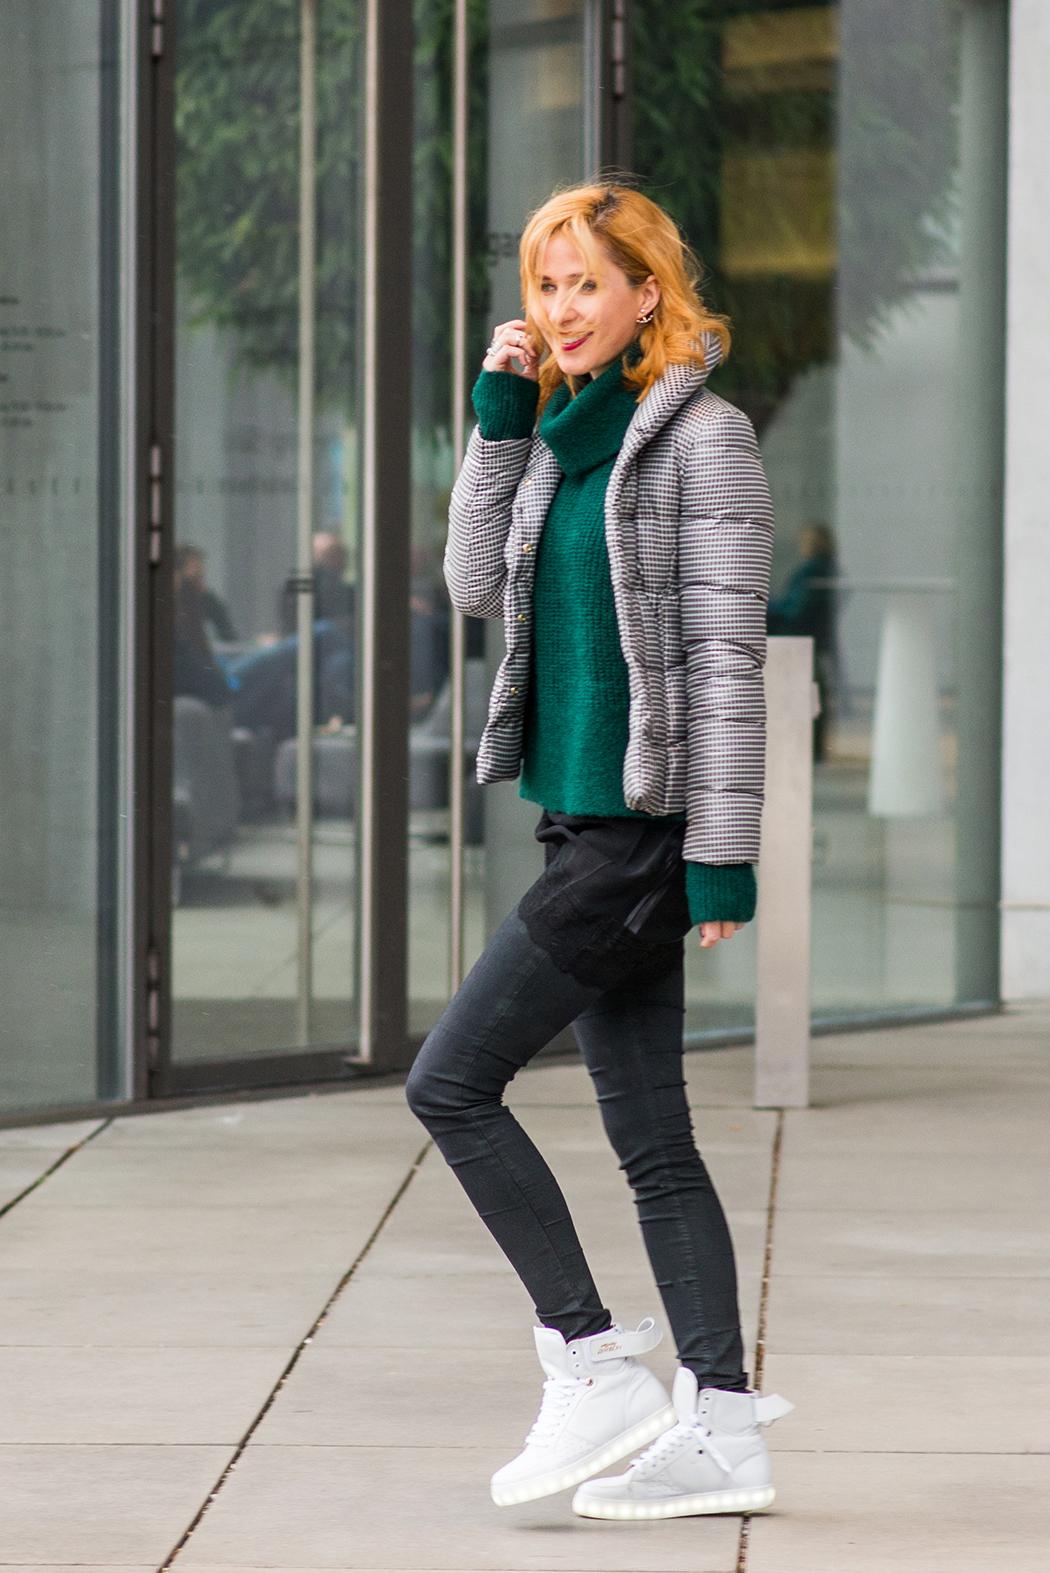 Fashionblog-Fashionblogger-Fashion-Blog-Blogger-Lifestyle-AnnieP-No-Brand-Sneaker-leuchtende-Sohle-2-web